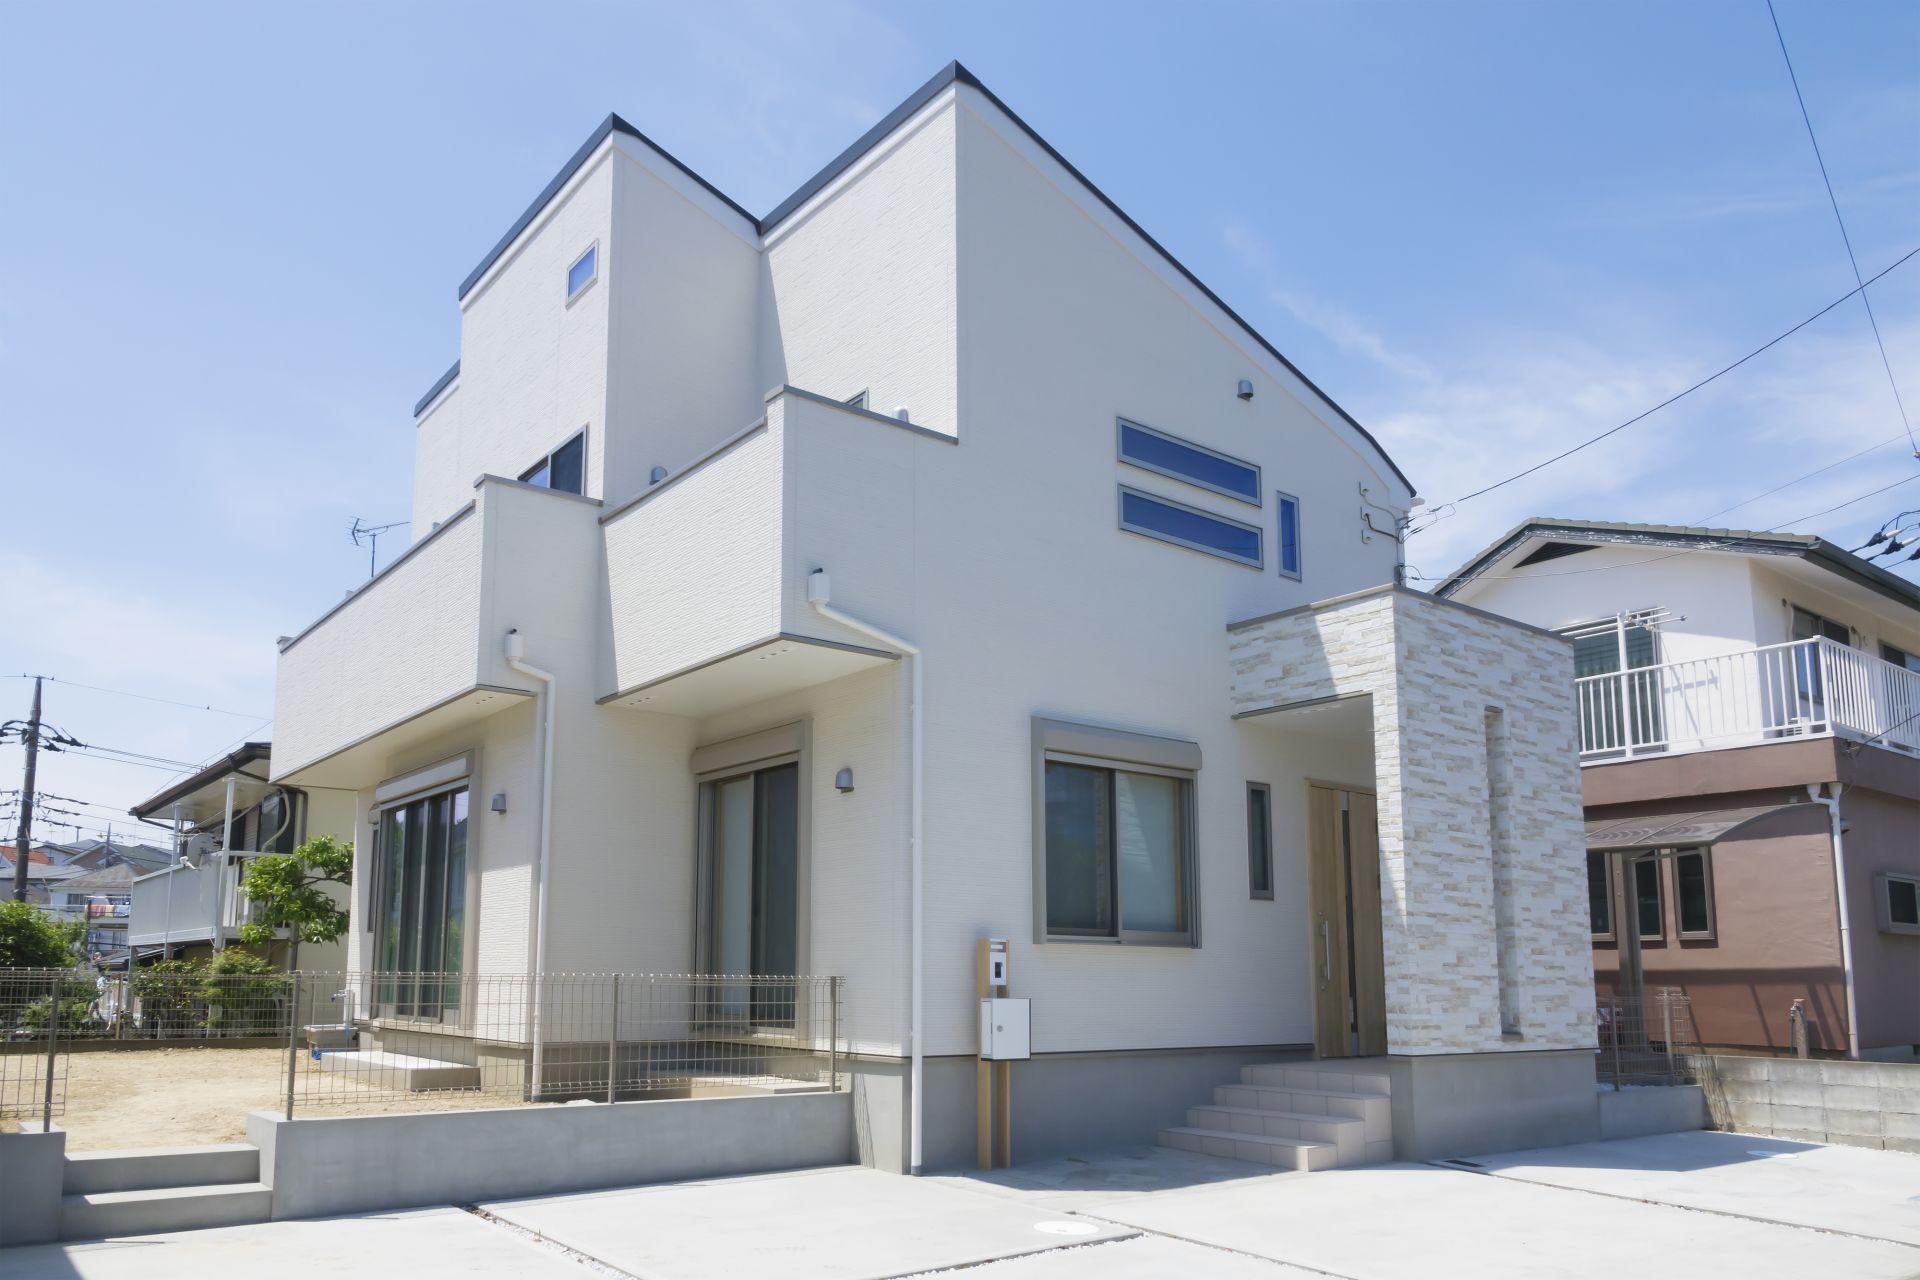 【カナリノコラム③】賃貸VS持ち家 どっちがお得?